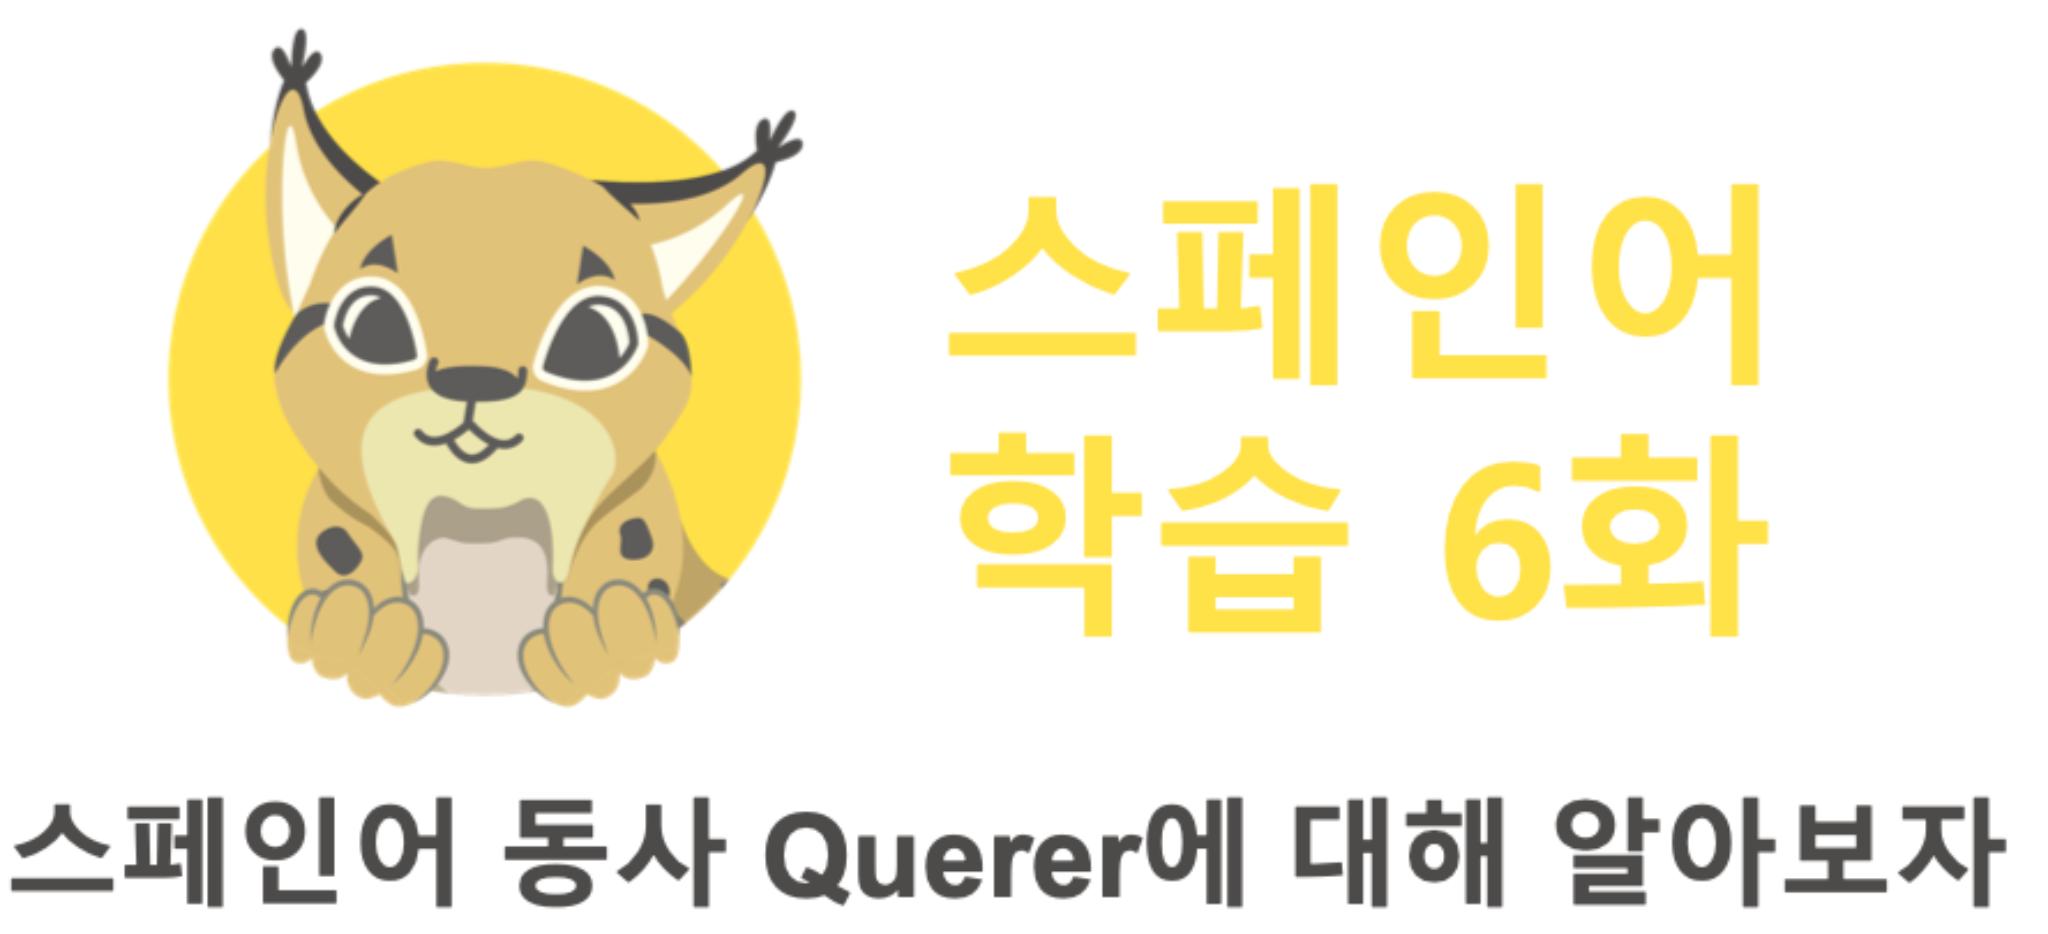 스페인어 동사 Querer에 대해 알아보자